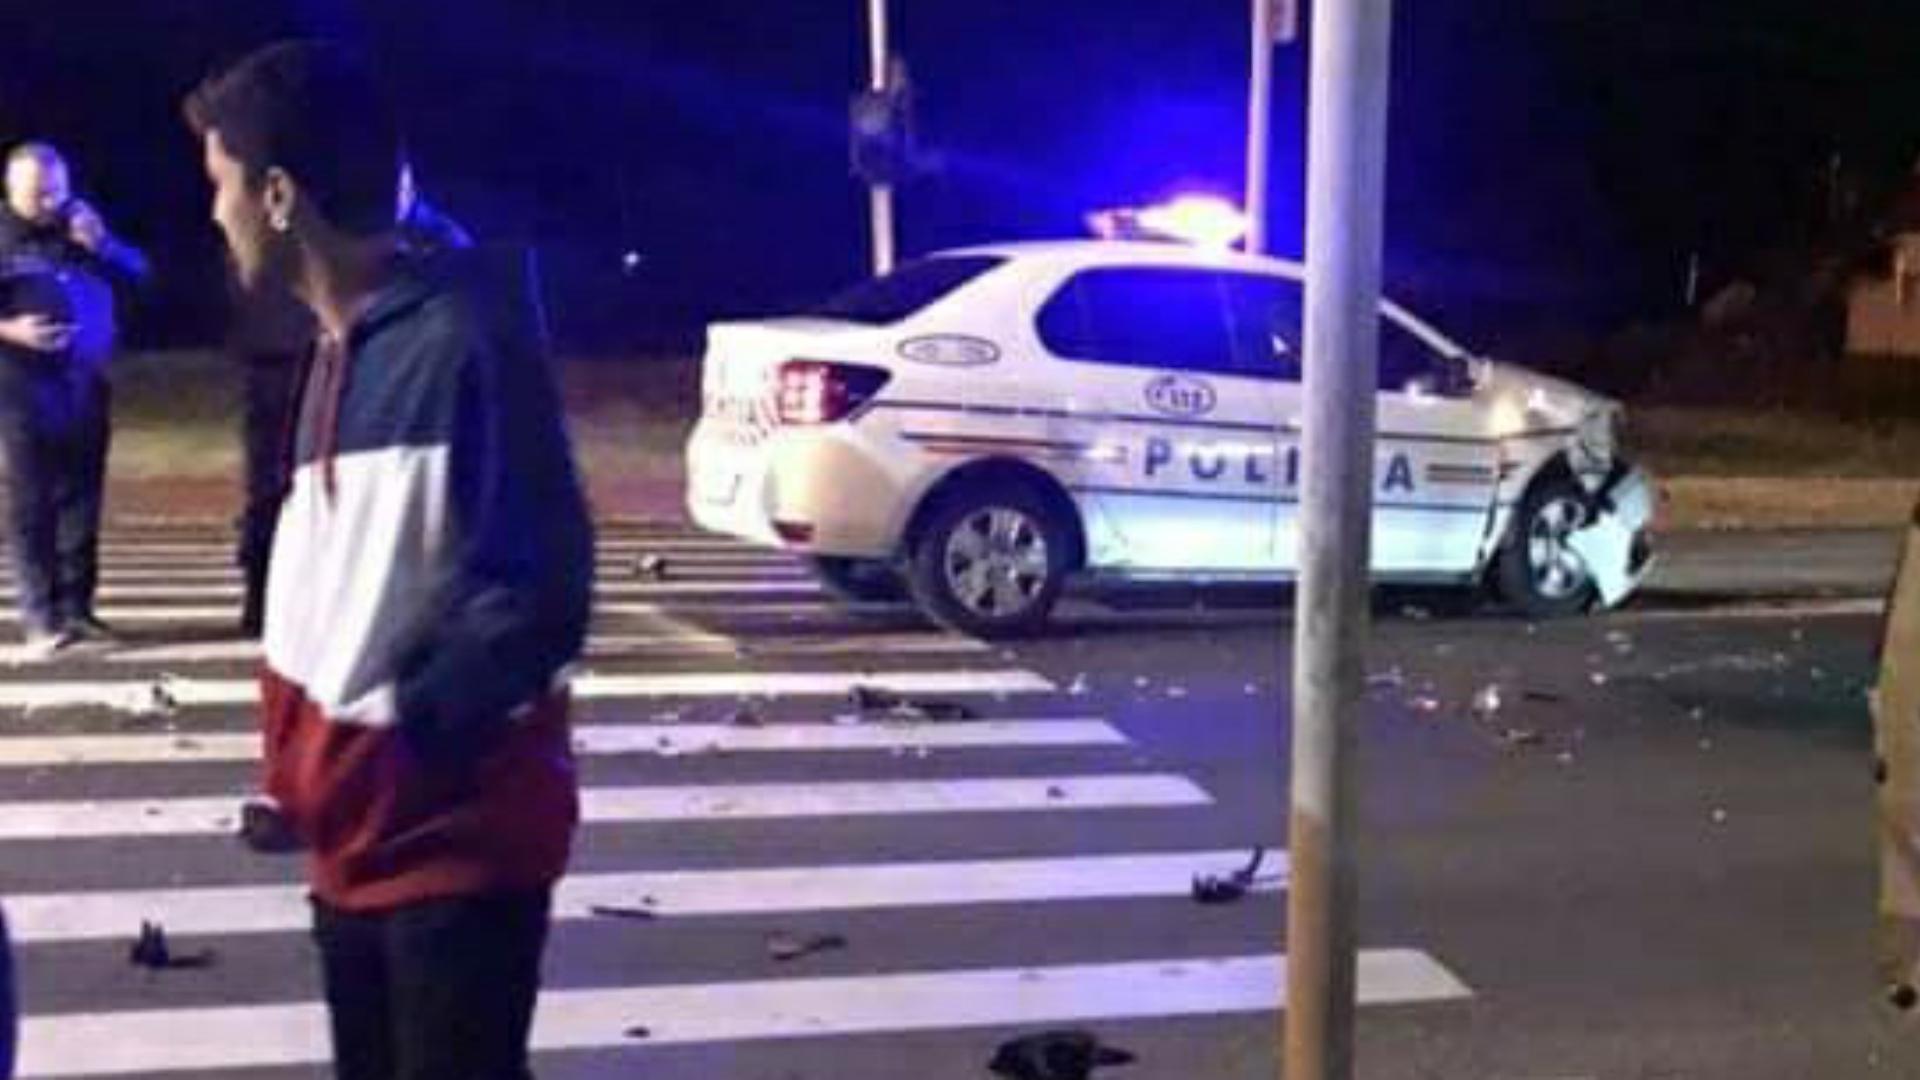 Maşină de poliţie aflată în misiune implicată într-un accident într-o intersecţie din Haţeg